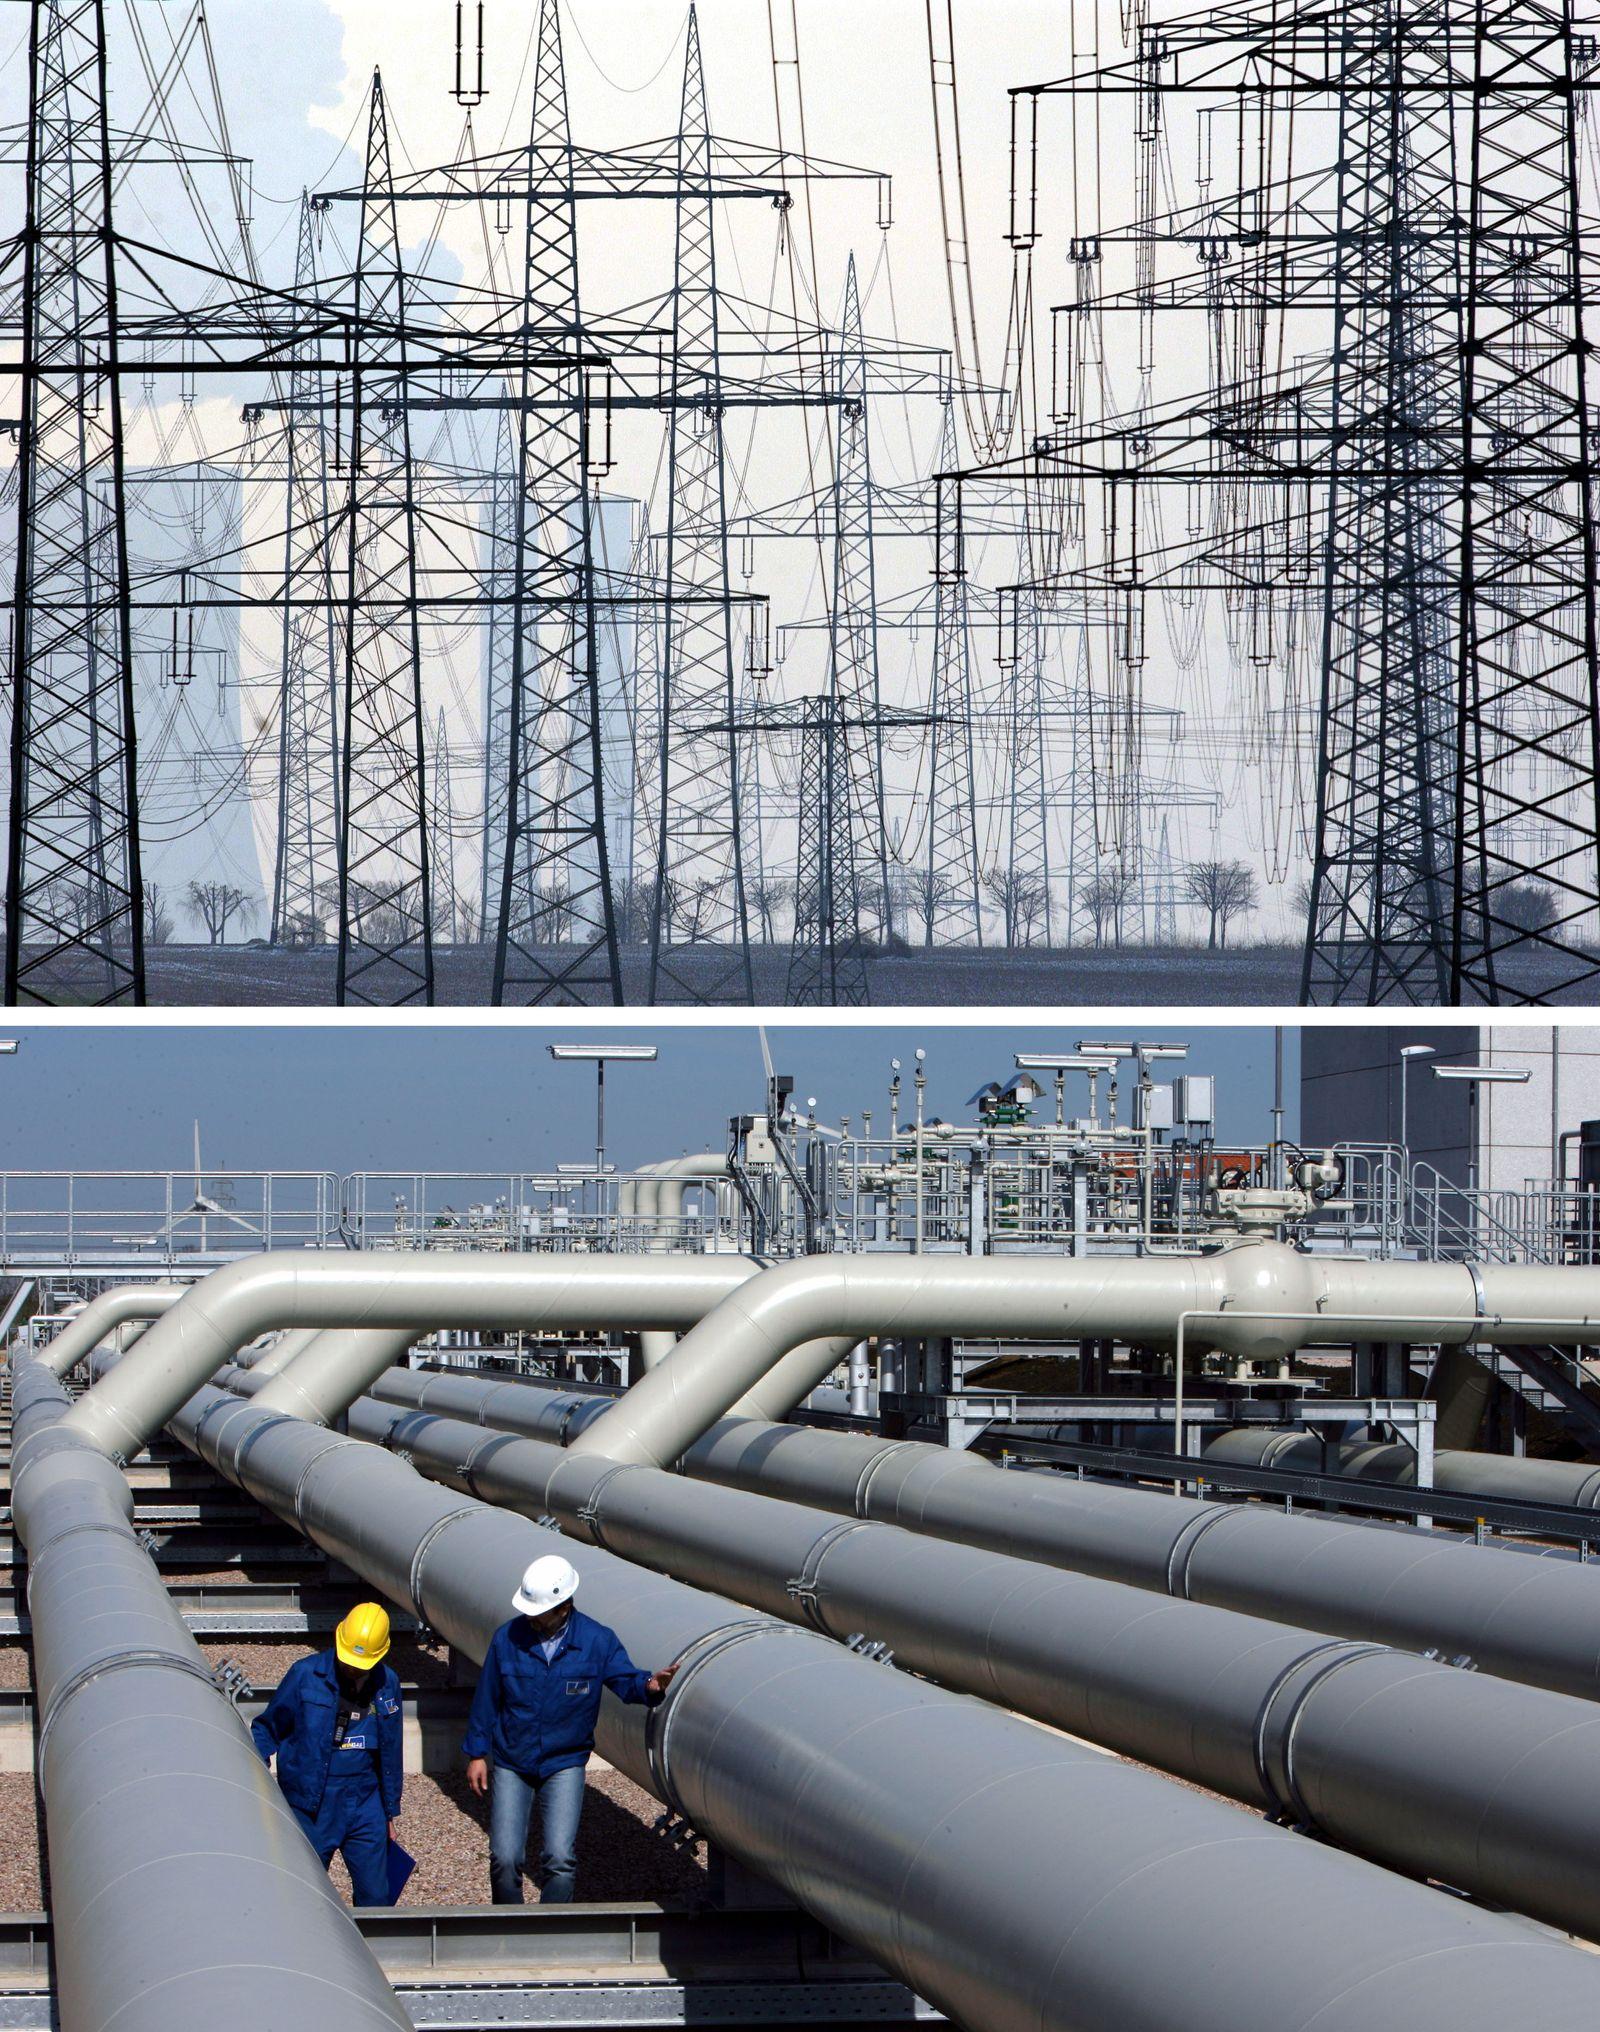 Netzagentur gibt weitere Entscheidungen zu Stromgebühren bekannt / Bundesnetzagentur / Gas / Pipelines